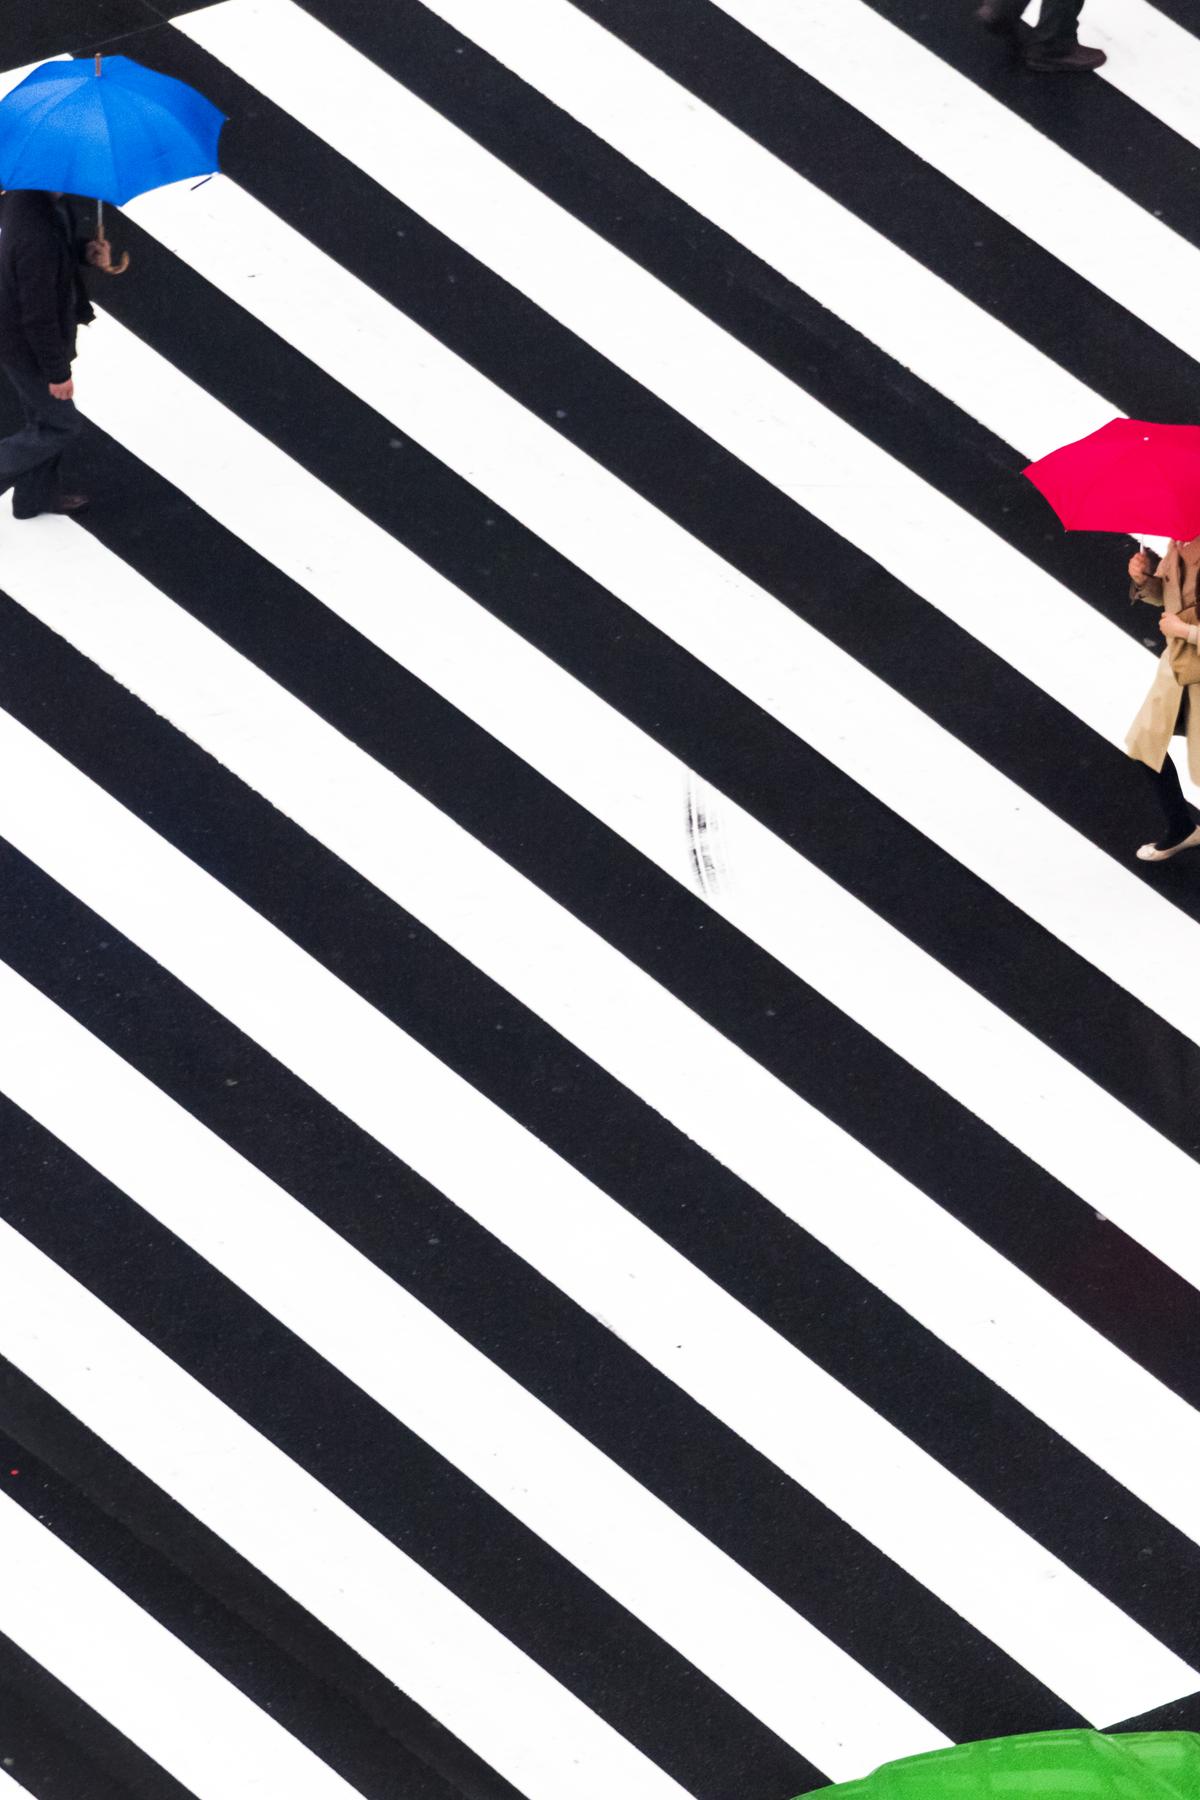 From Rain by Yoshinori Mitzutani